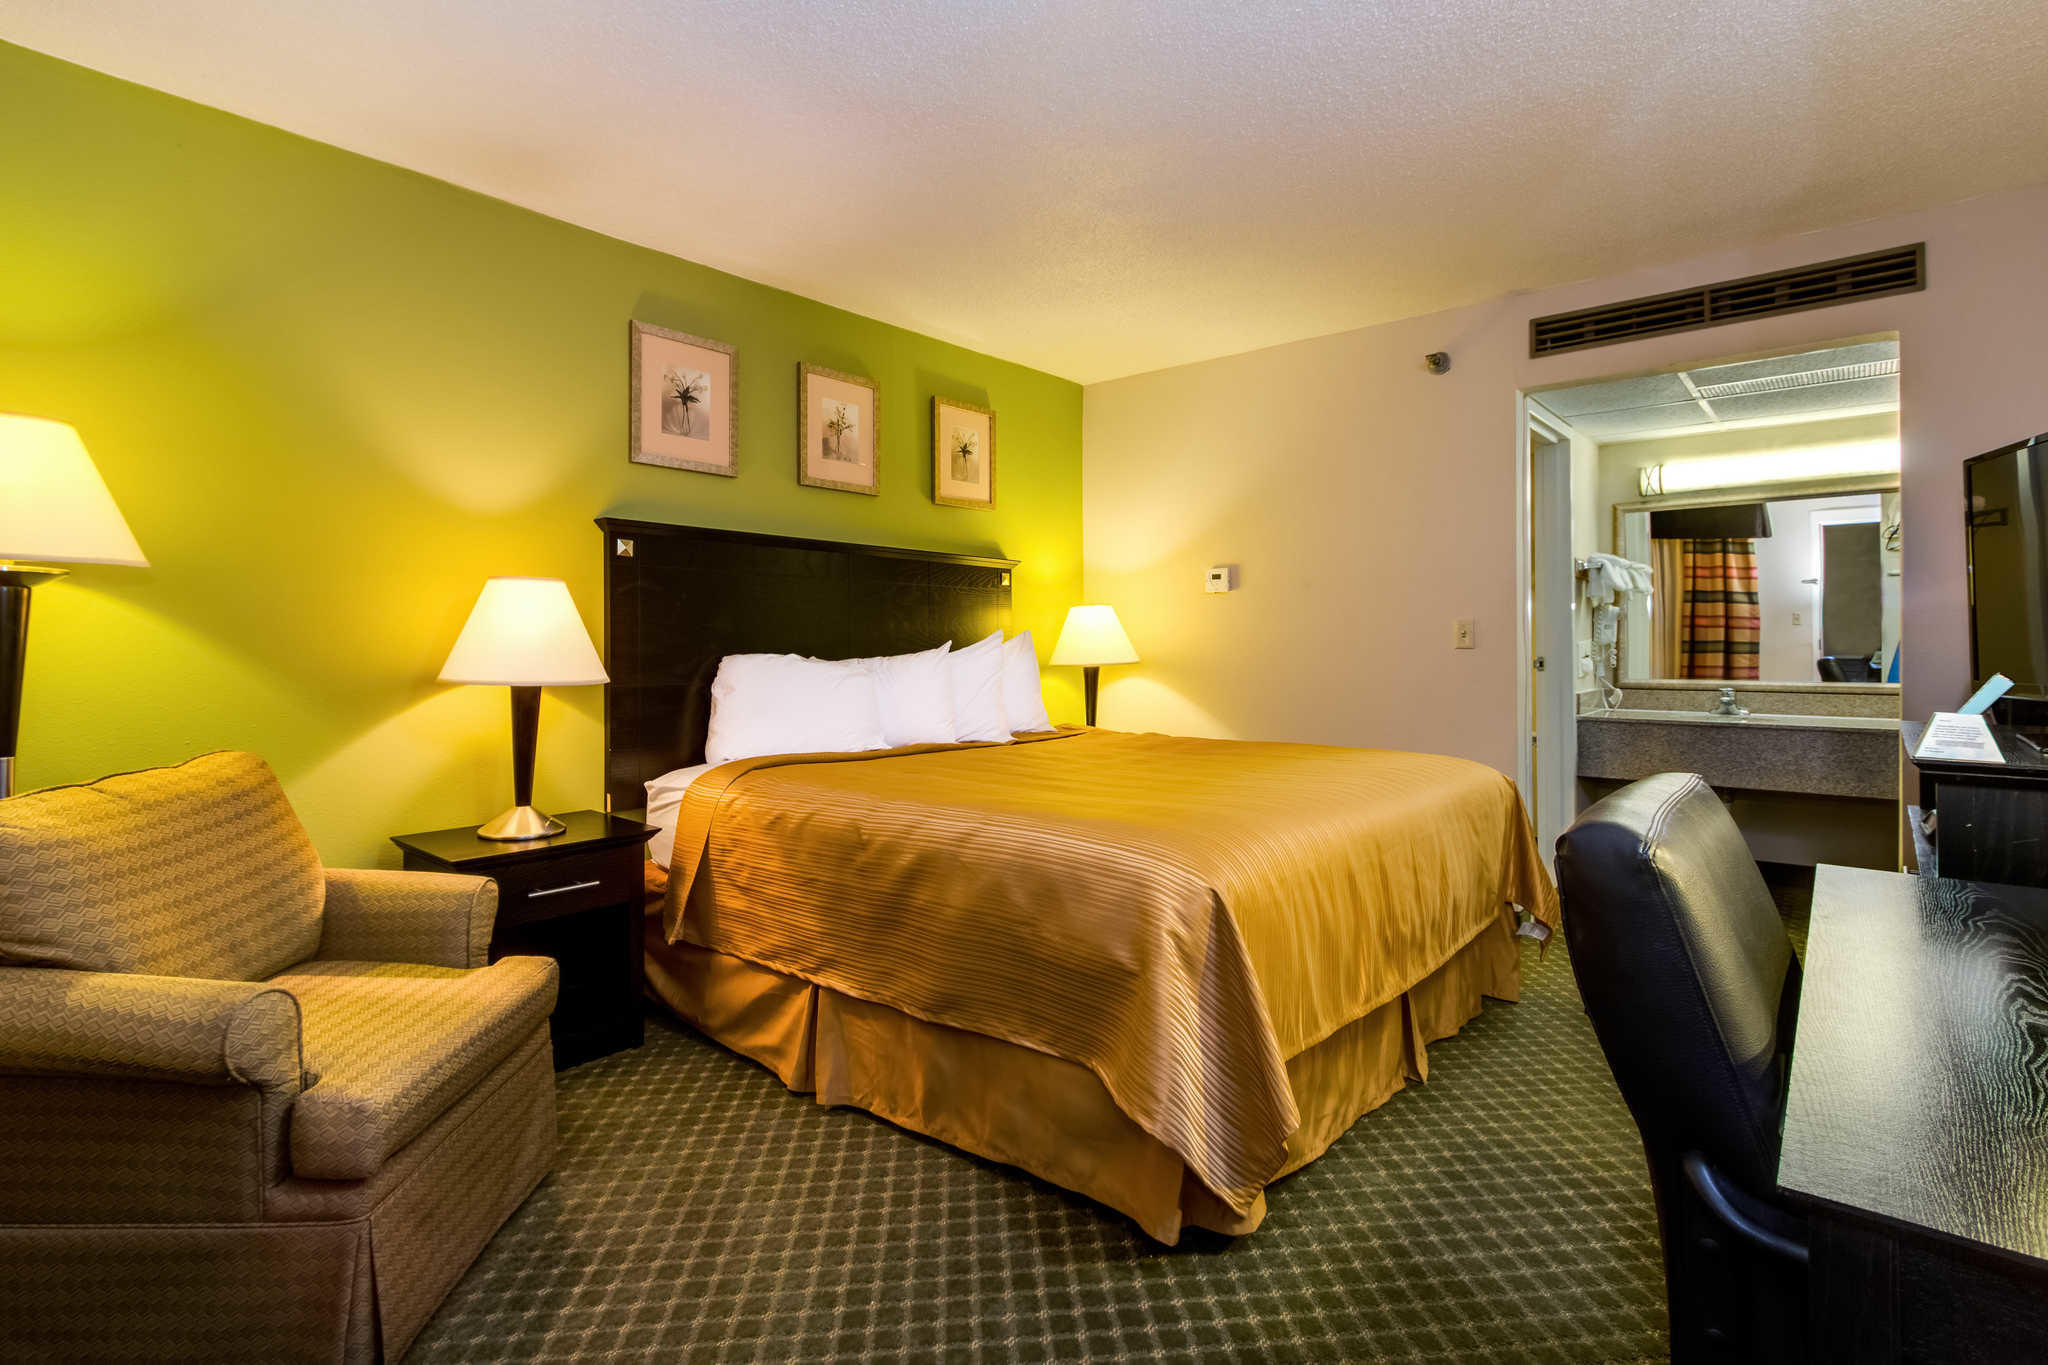 Quality Inn & Suites Moline - Quad Cities image 11